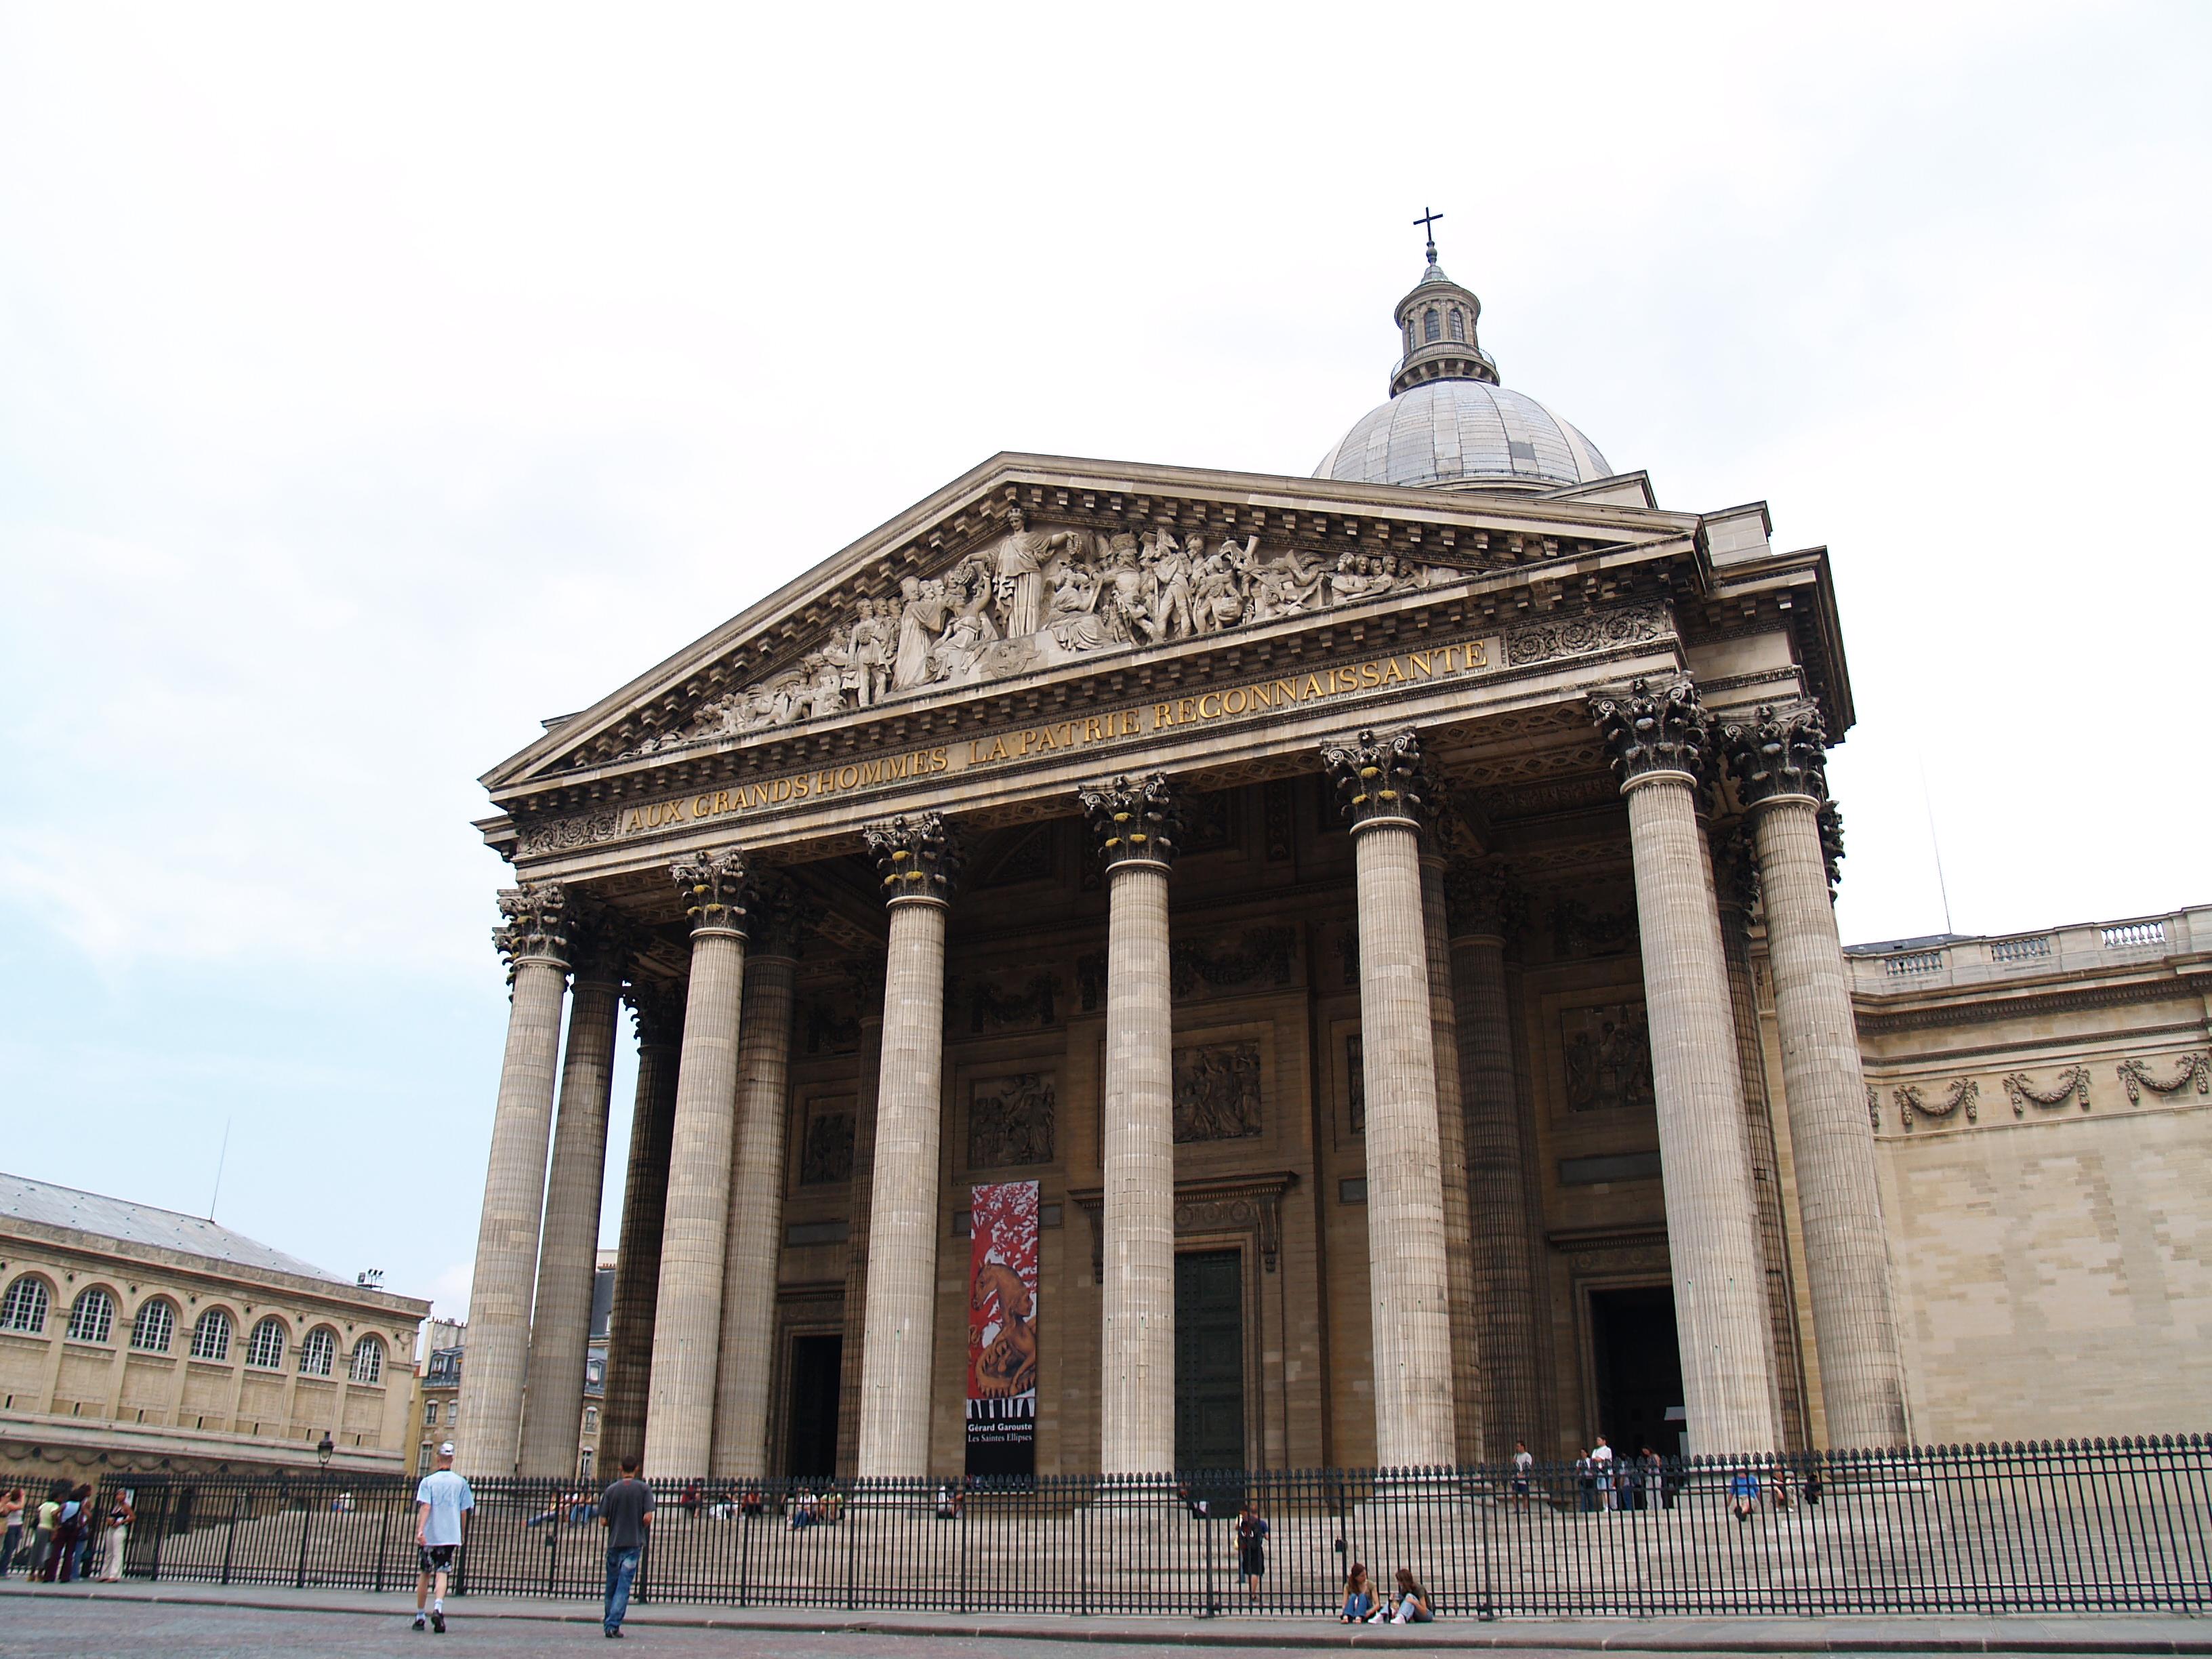 kai classic architecture pillars french stairs aux grands hommes la patrie reconnaissante